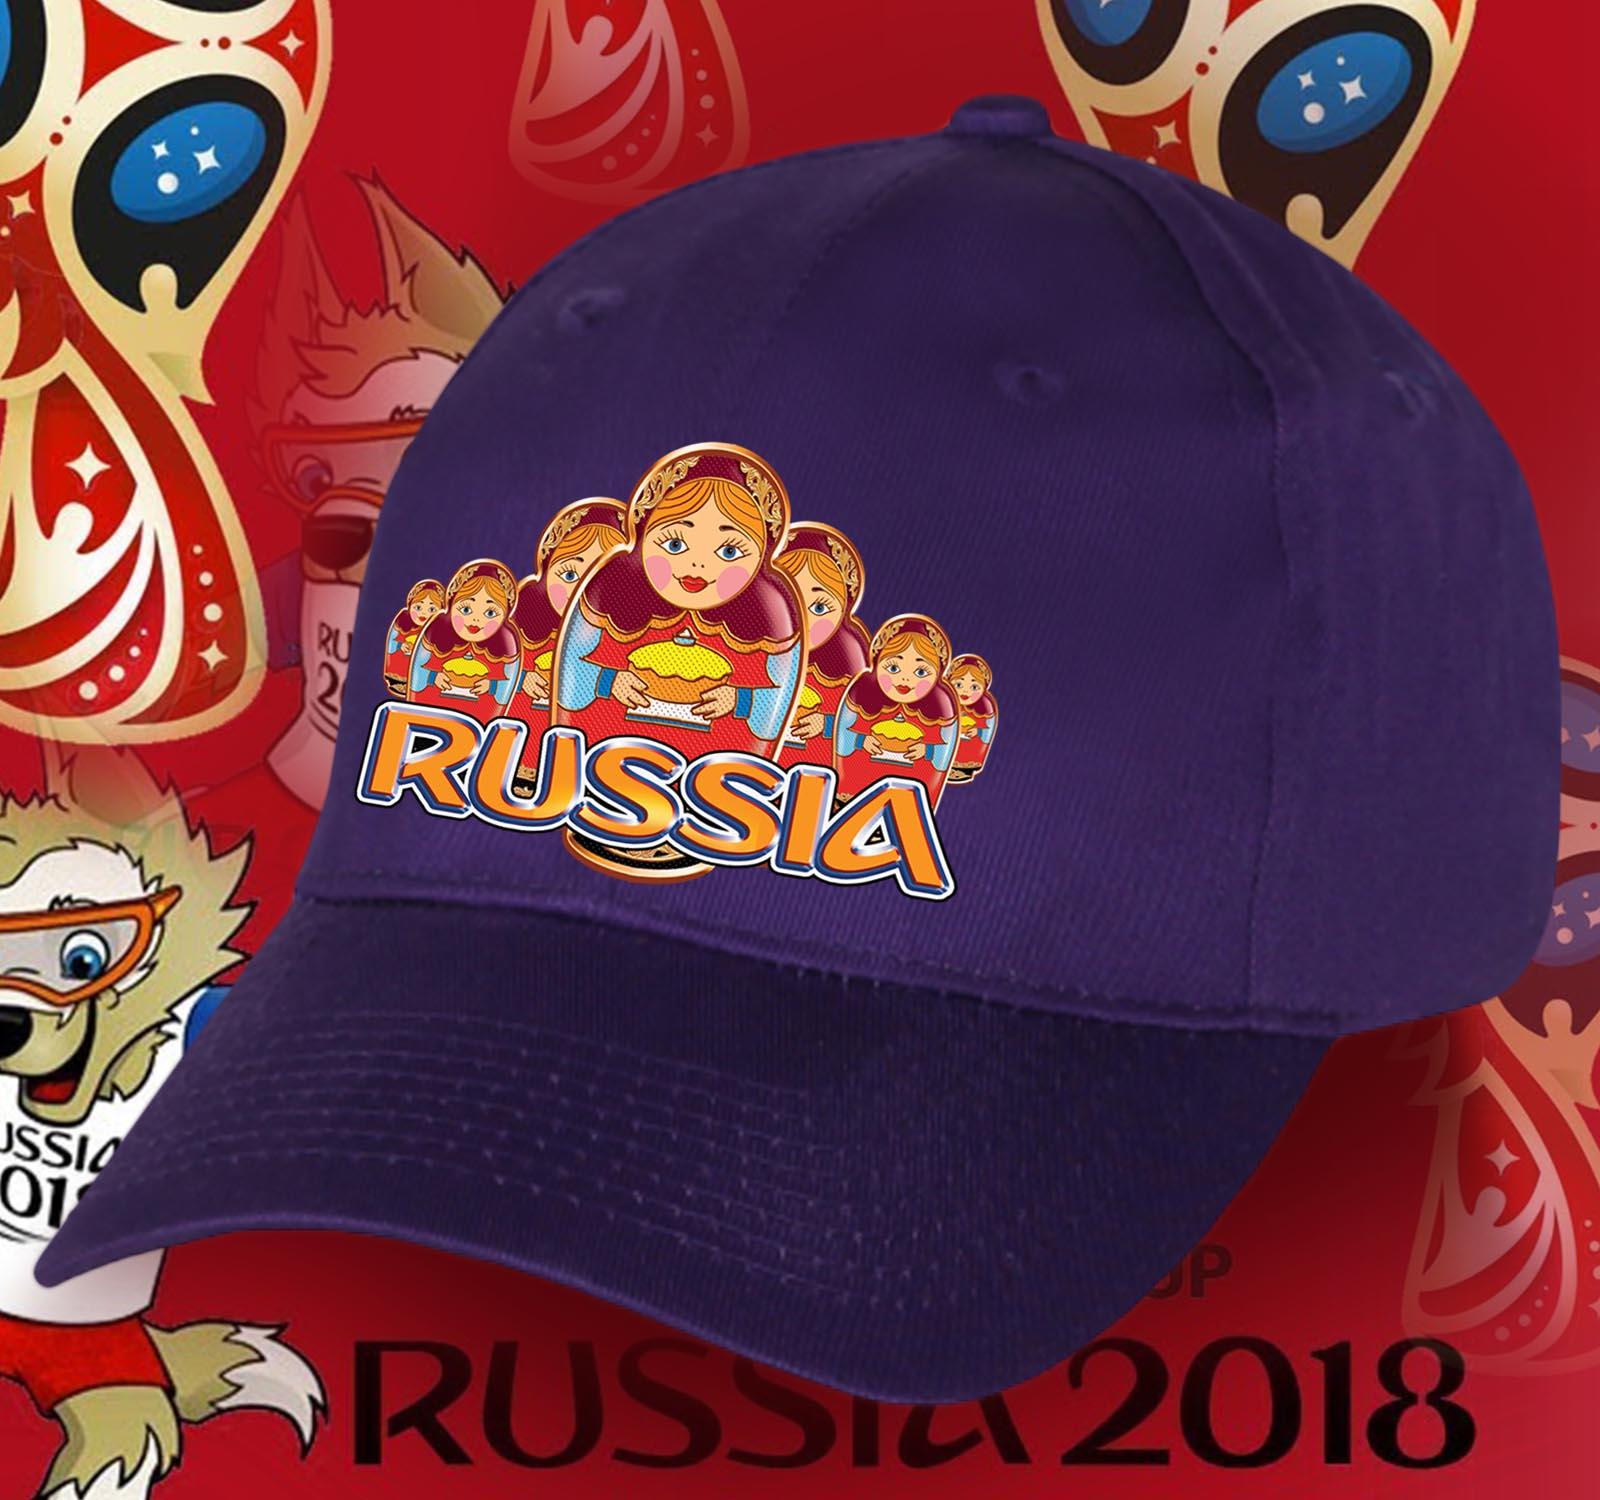 Популярная бейсболка с русской символикой